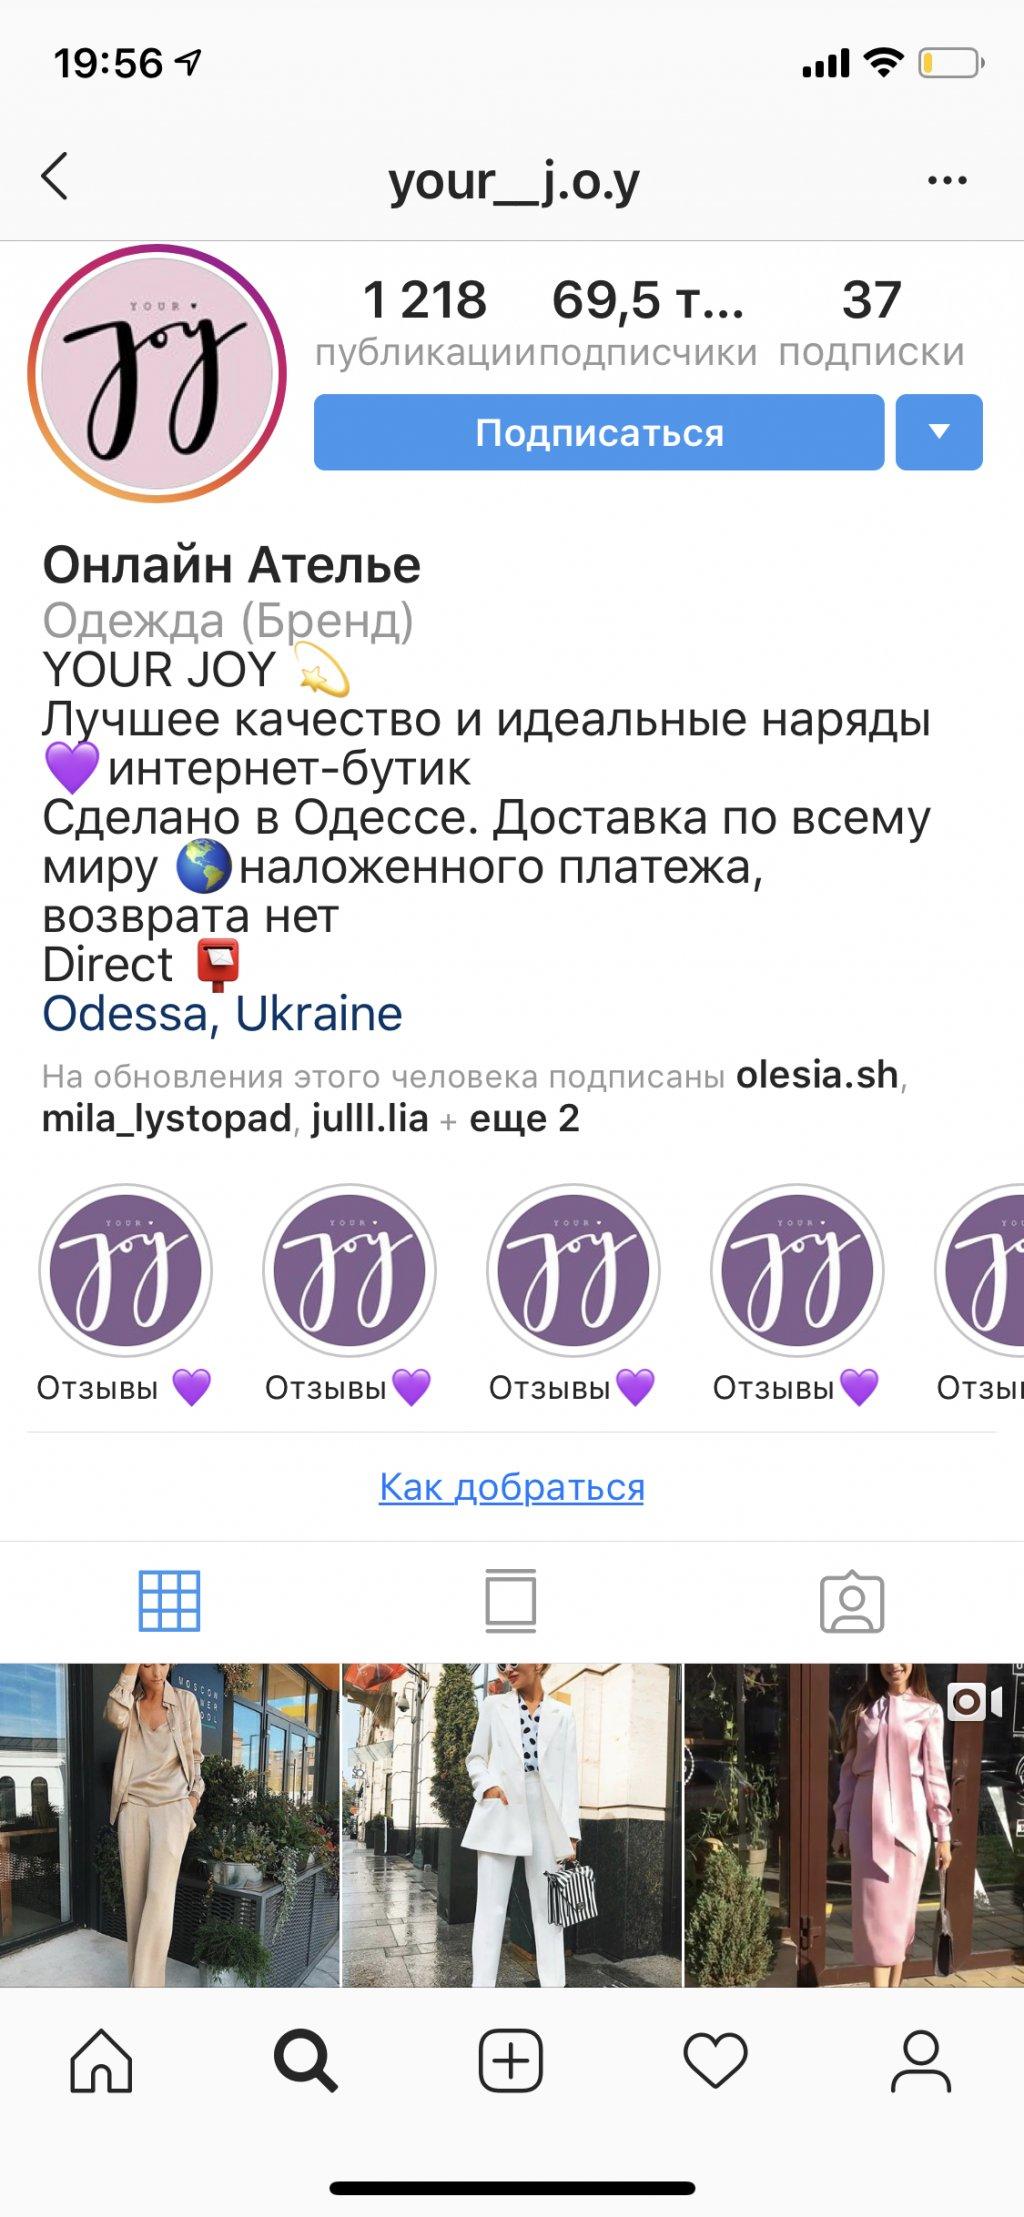 Your joy - Мошенники и хамы